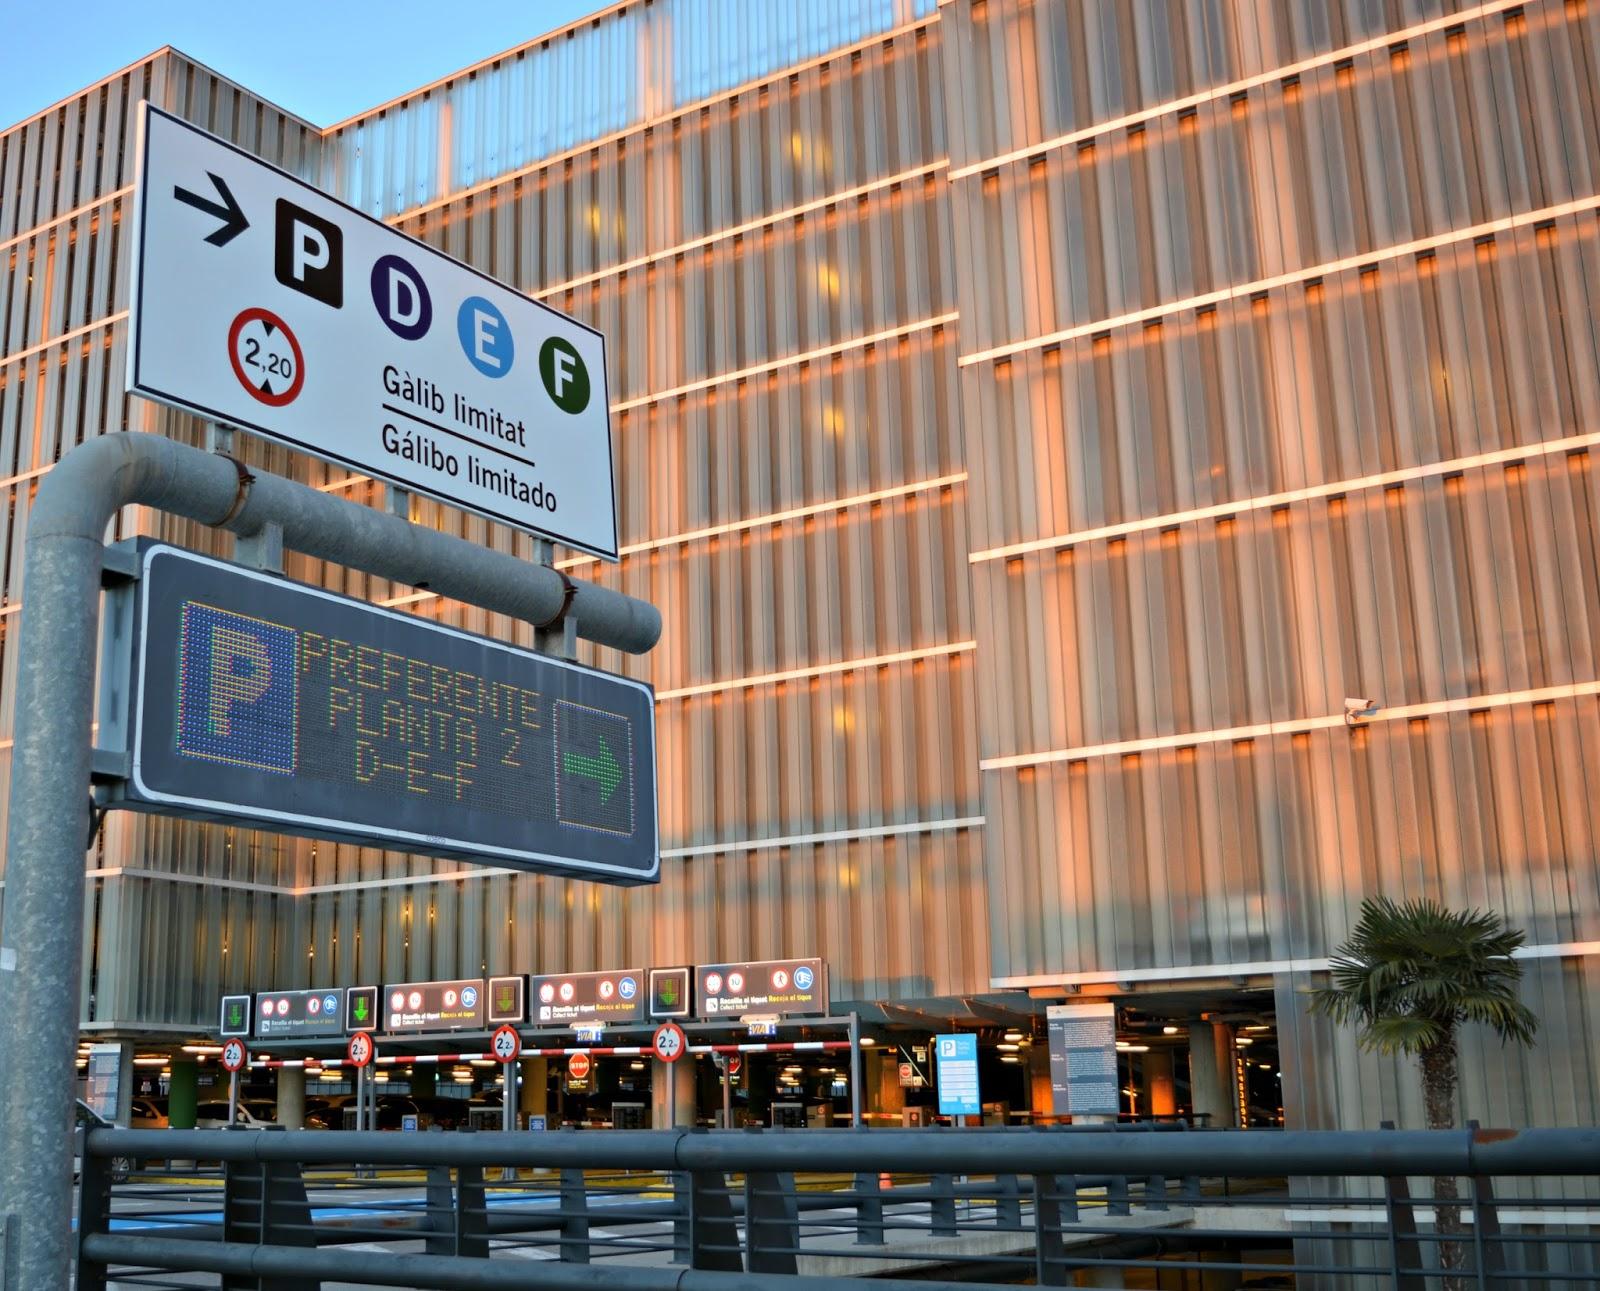 Nuevo servicio de parking preferente en la terminal t1 del - Comprar parking en barcelona ...